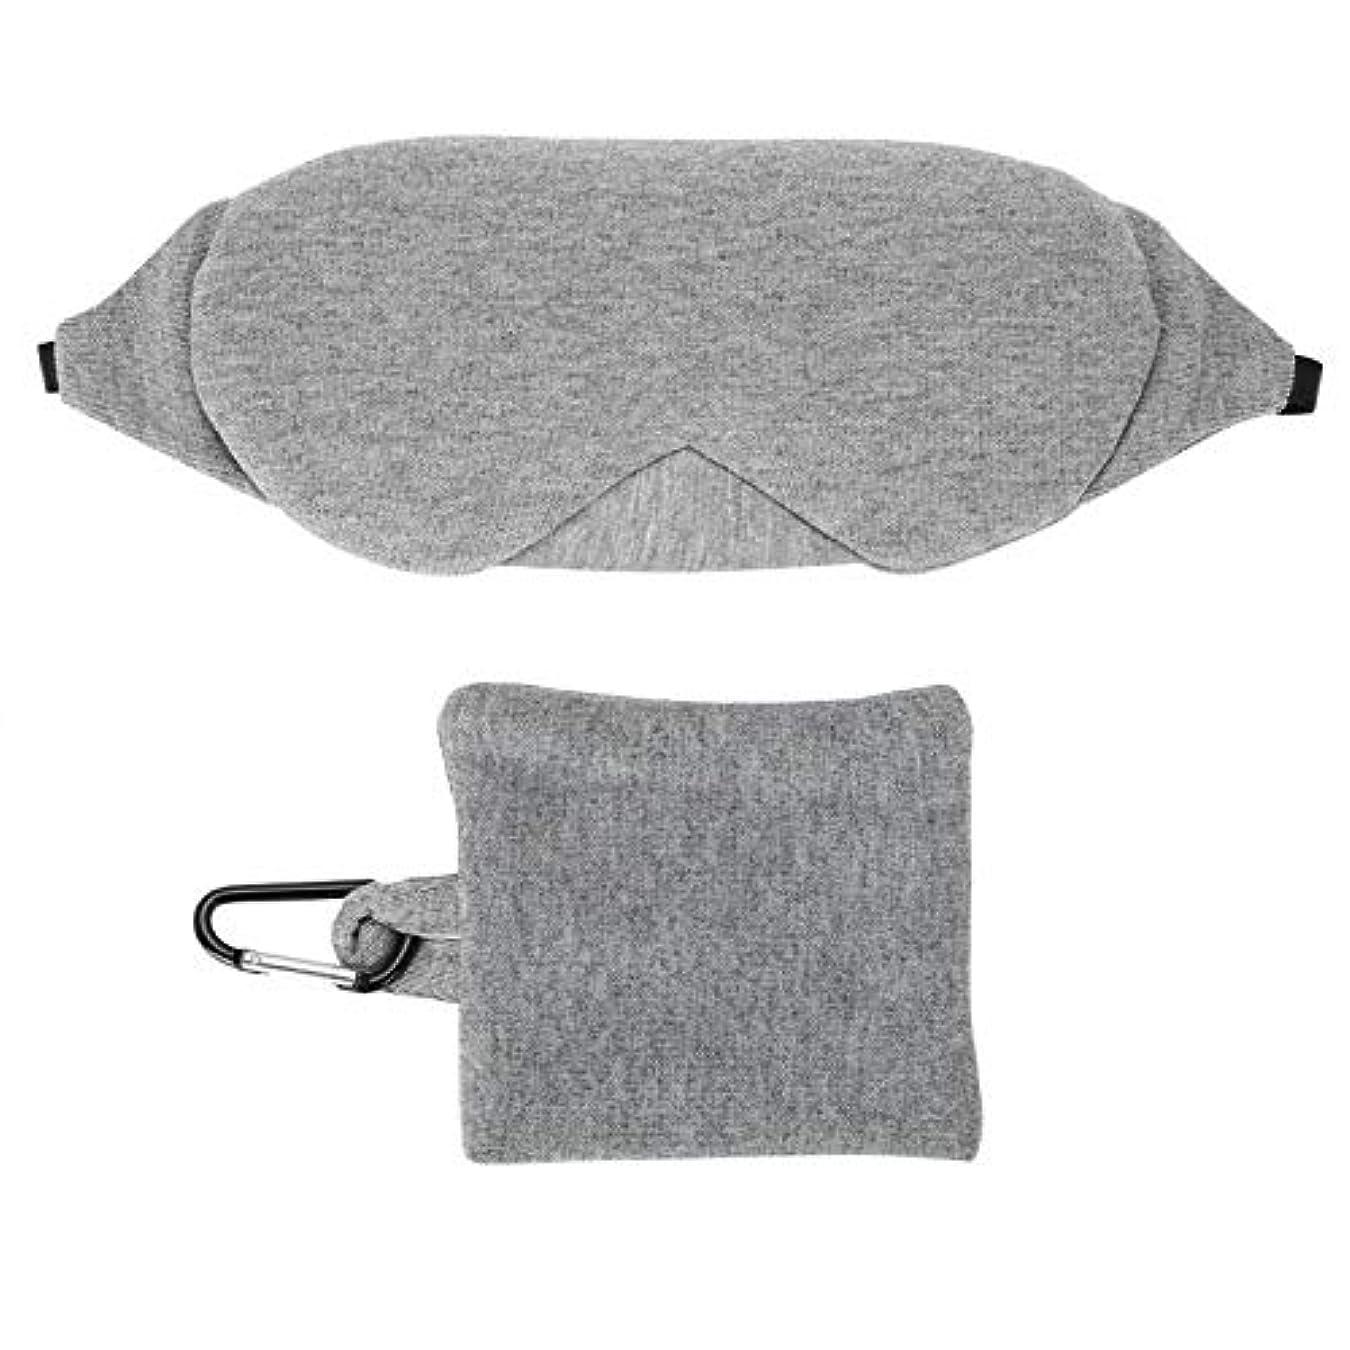 ハーネス毎回食事を調理するNOTE 調節可能な睡眠マスク通気性アイシェードカバー睡眠目隠しアイパッチ旅行ツール